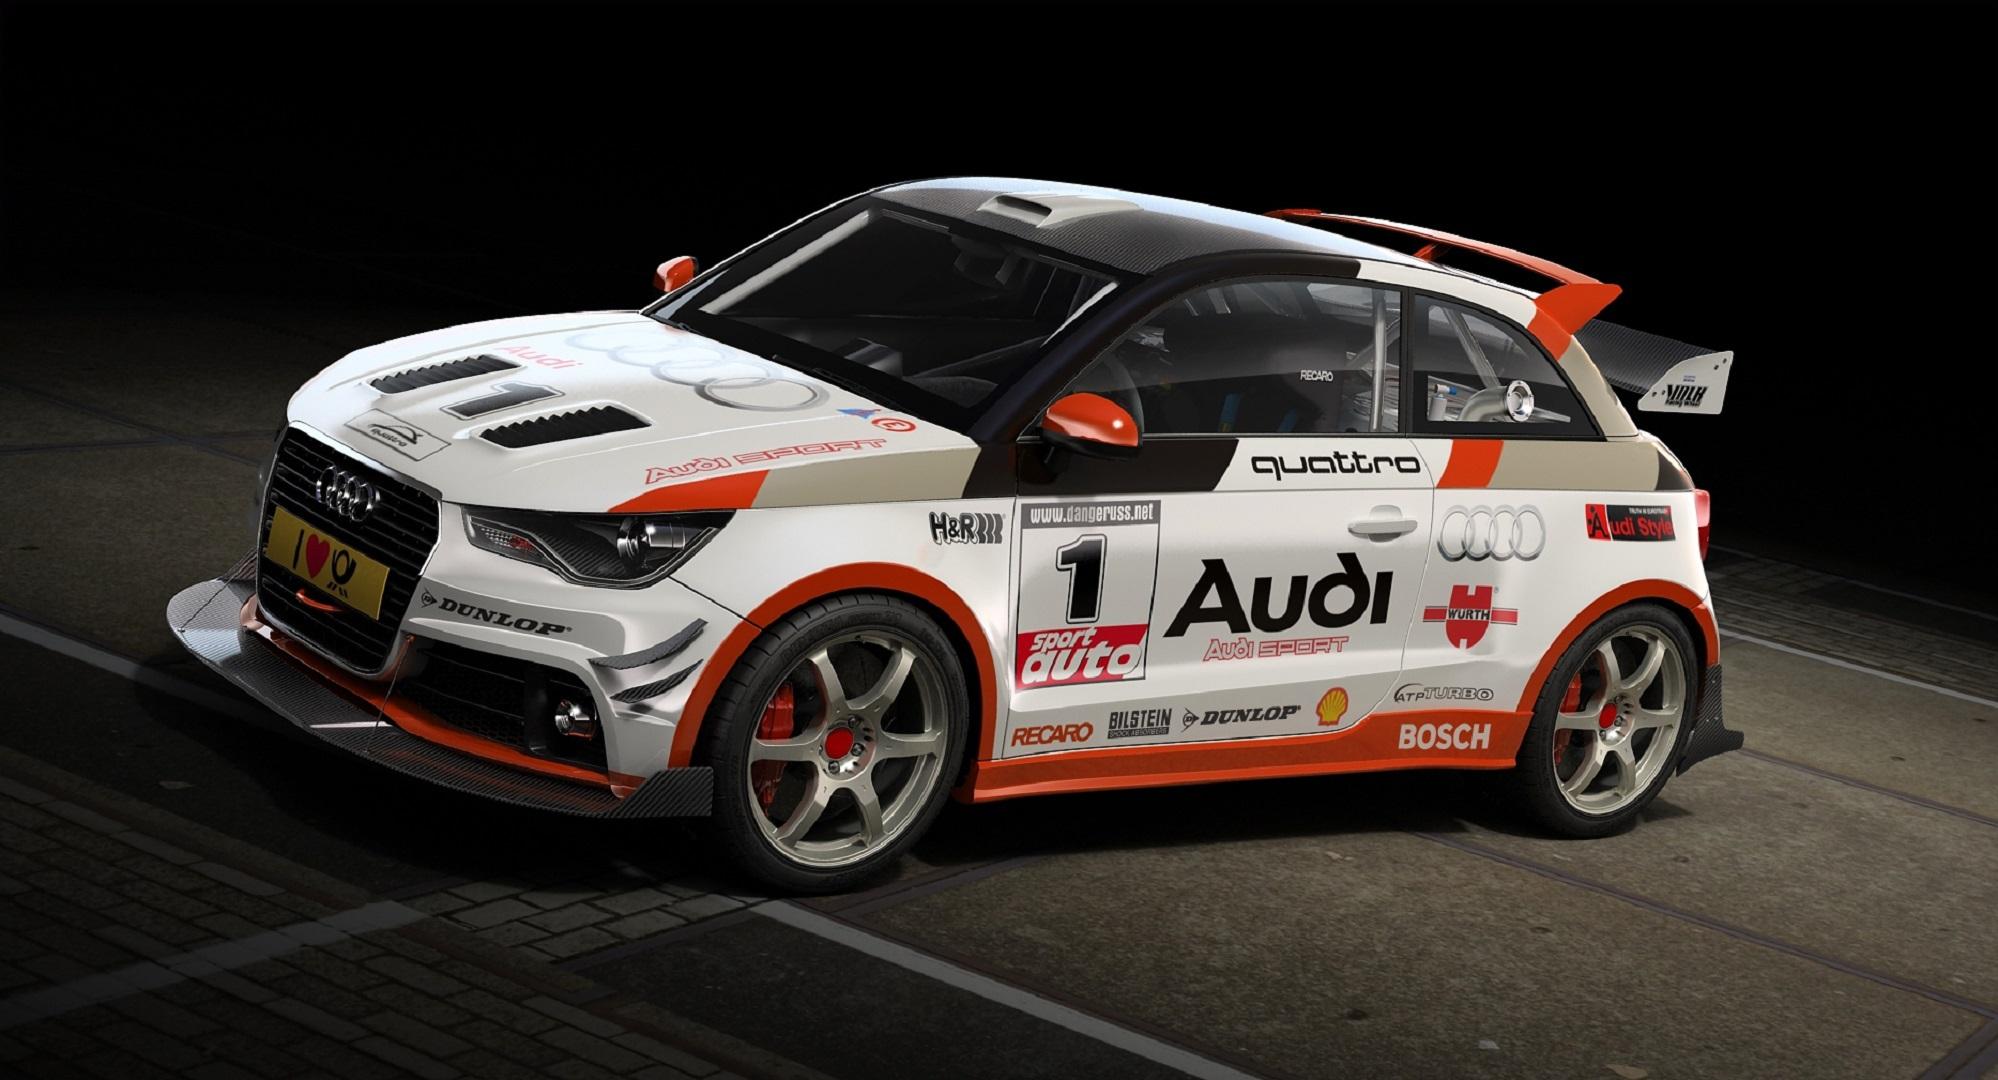 Audi A1 Hd Background